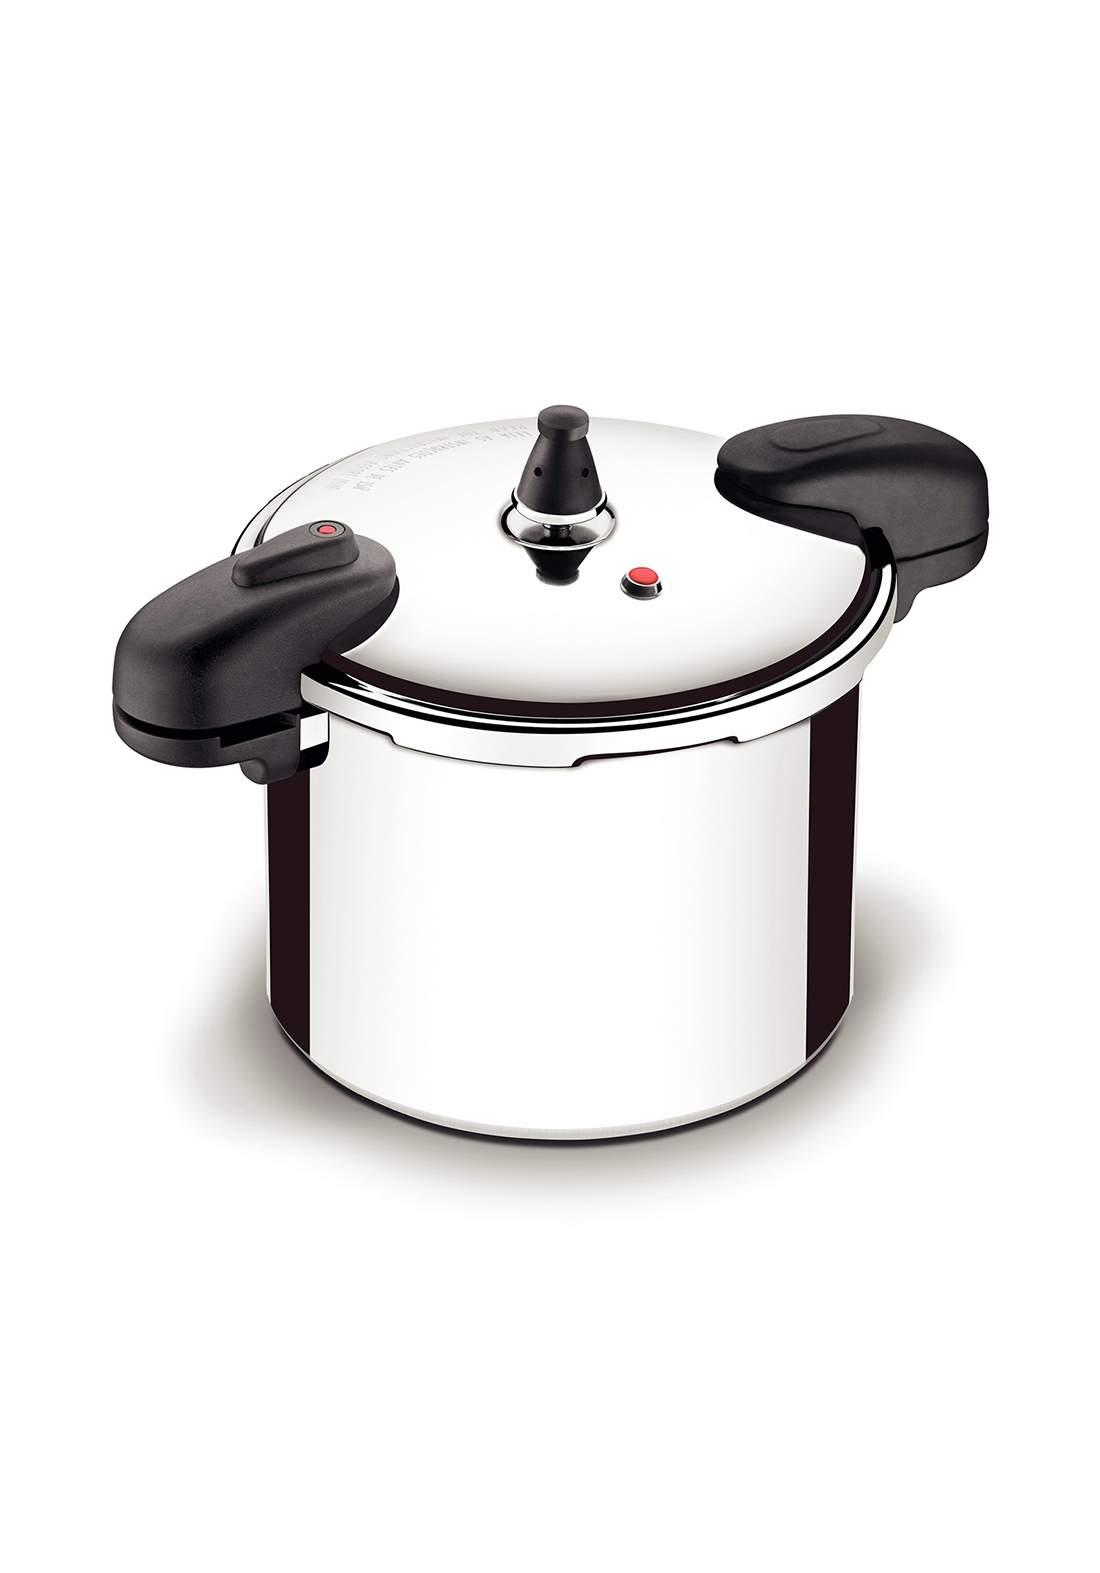 Tramontina '20563-024 Valencia Pressure Cooker 8 L Selver قدر ضغط